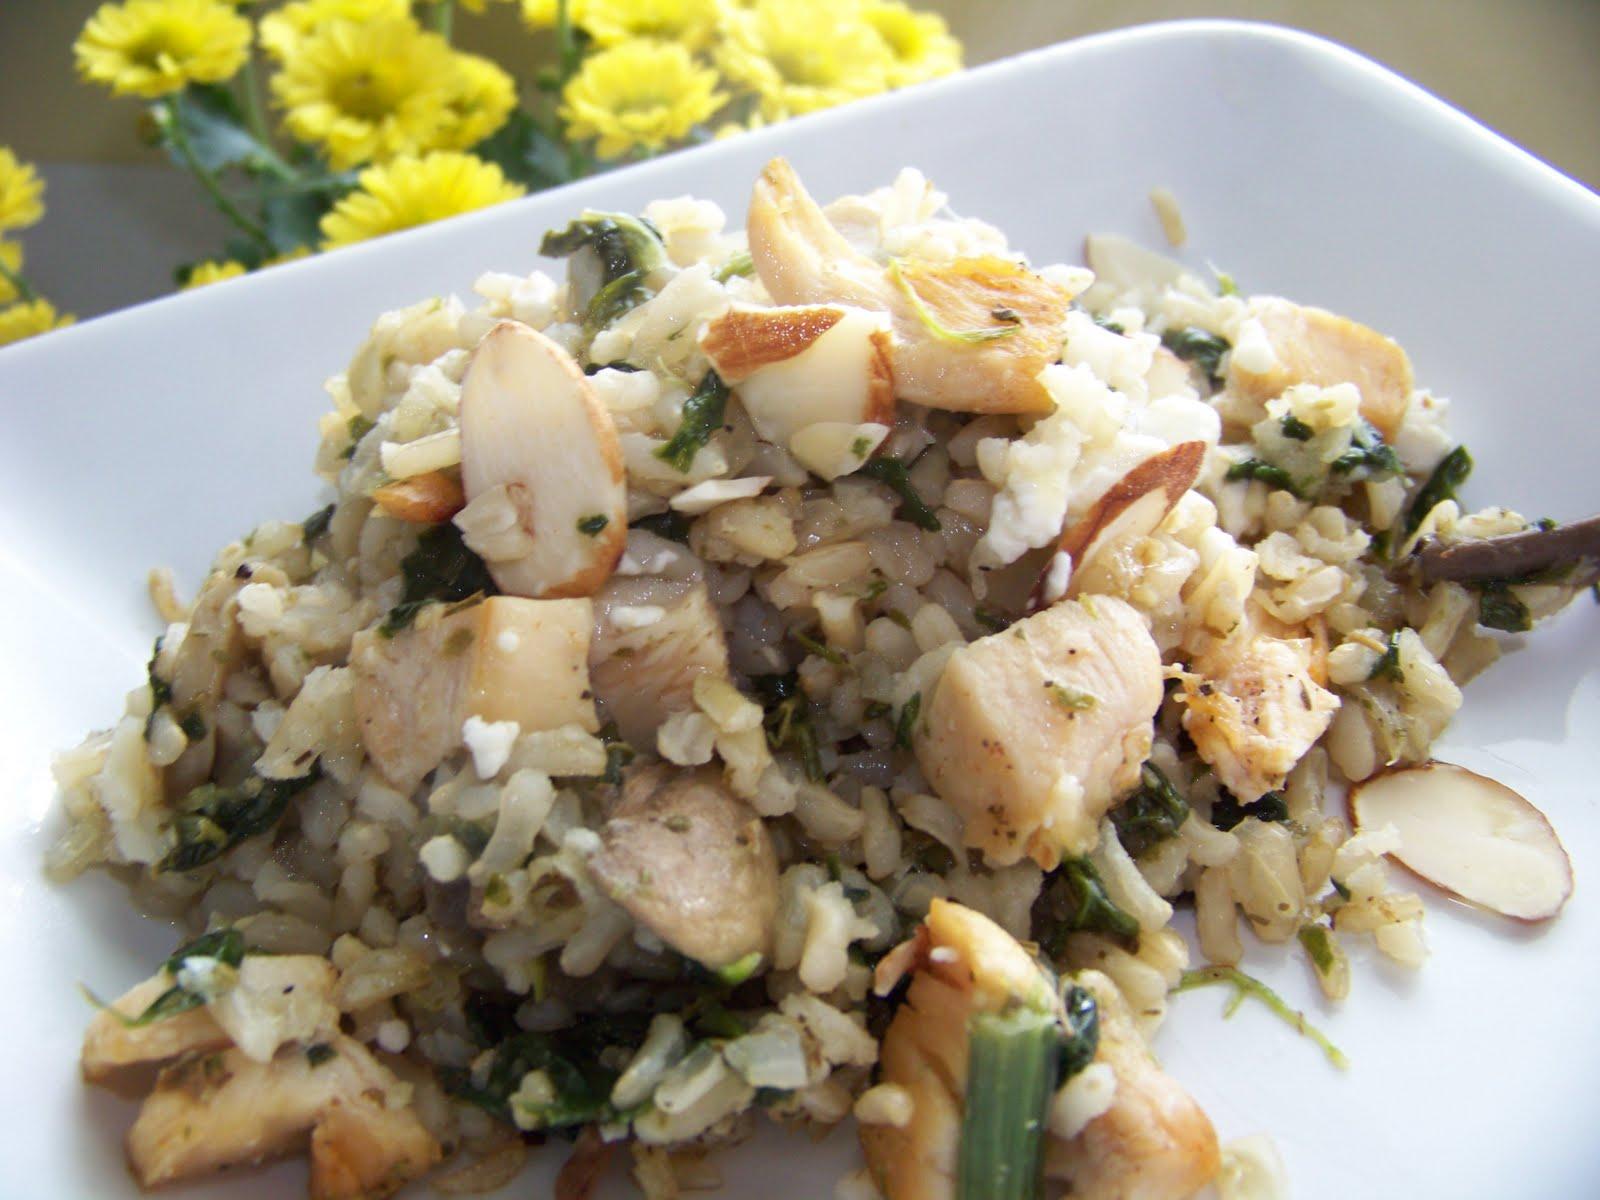 Chicken, Cheese & Spinach Manicotti Recipe Healthy